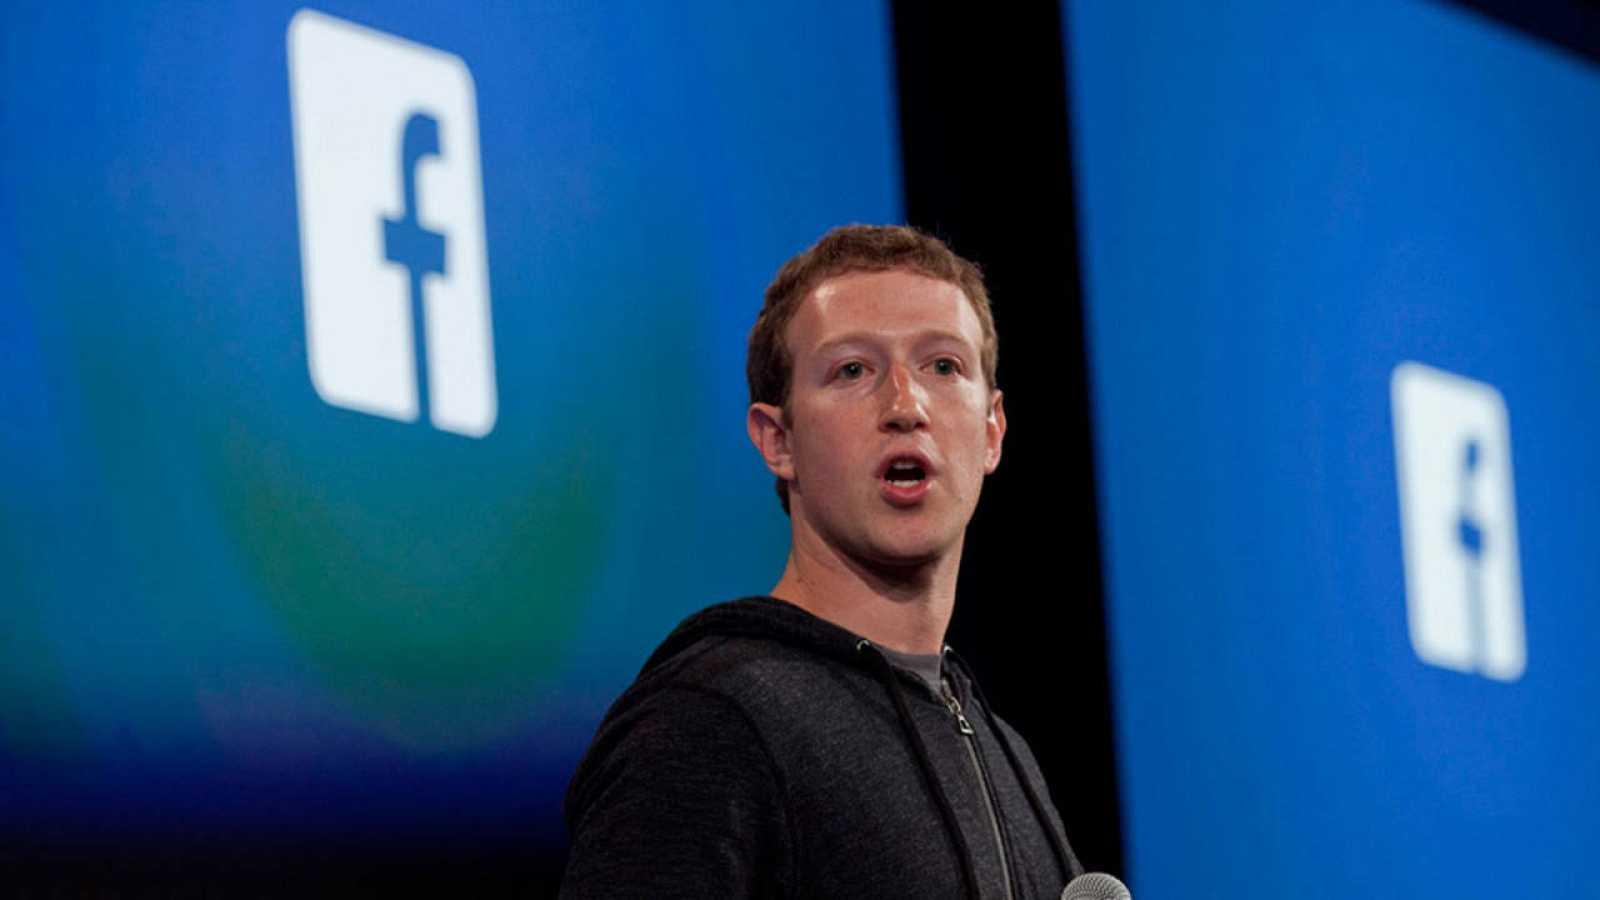 El creador de Facebook, Marc Zuckerberg, en una imagen de archivo en abril de 2013.